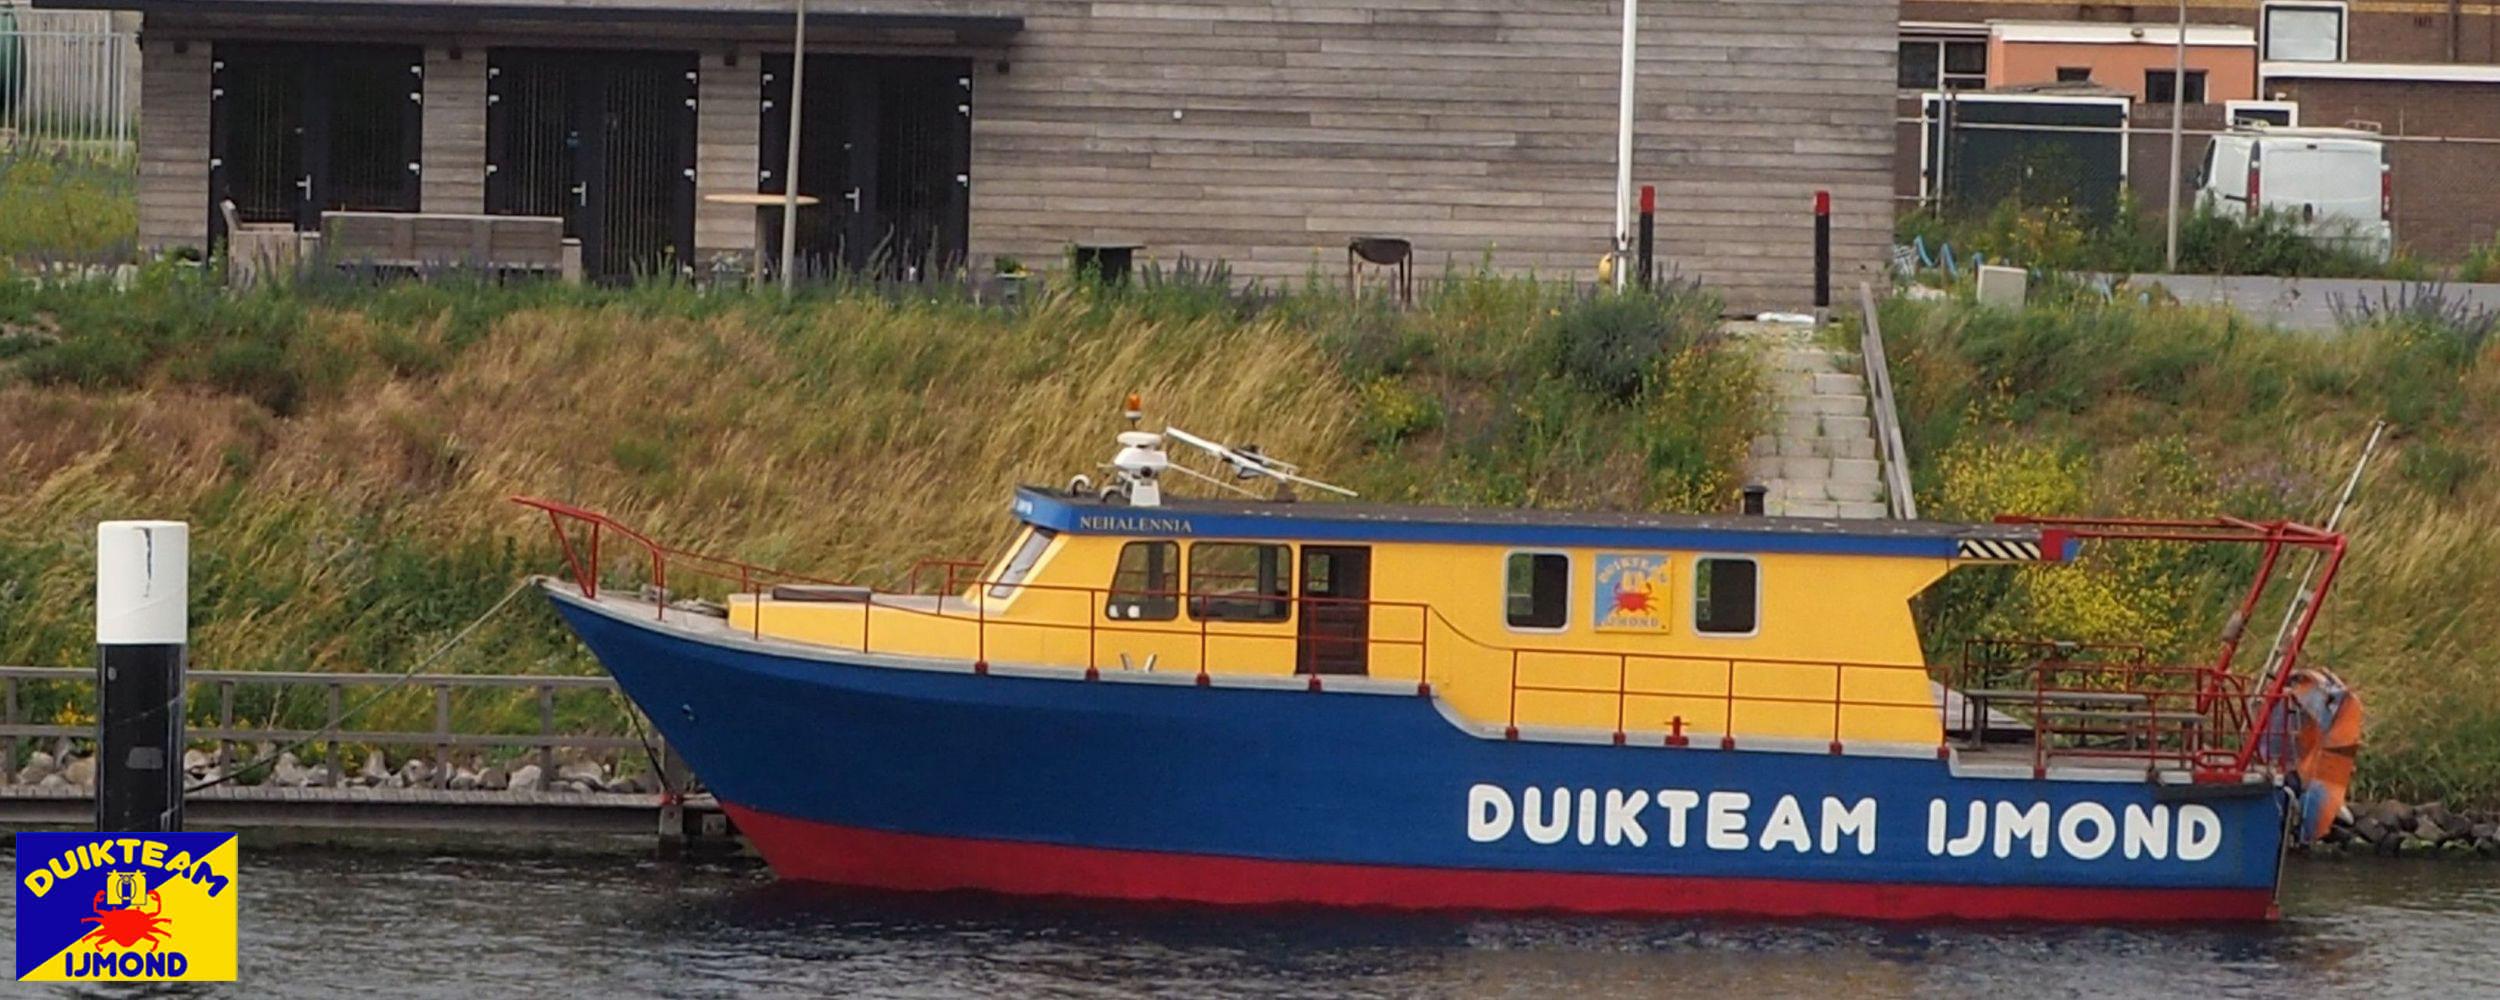 Ons zeeduikschip de Nehalennia voor het clubhuis